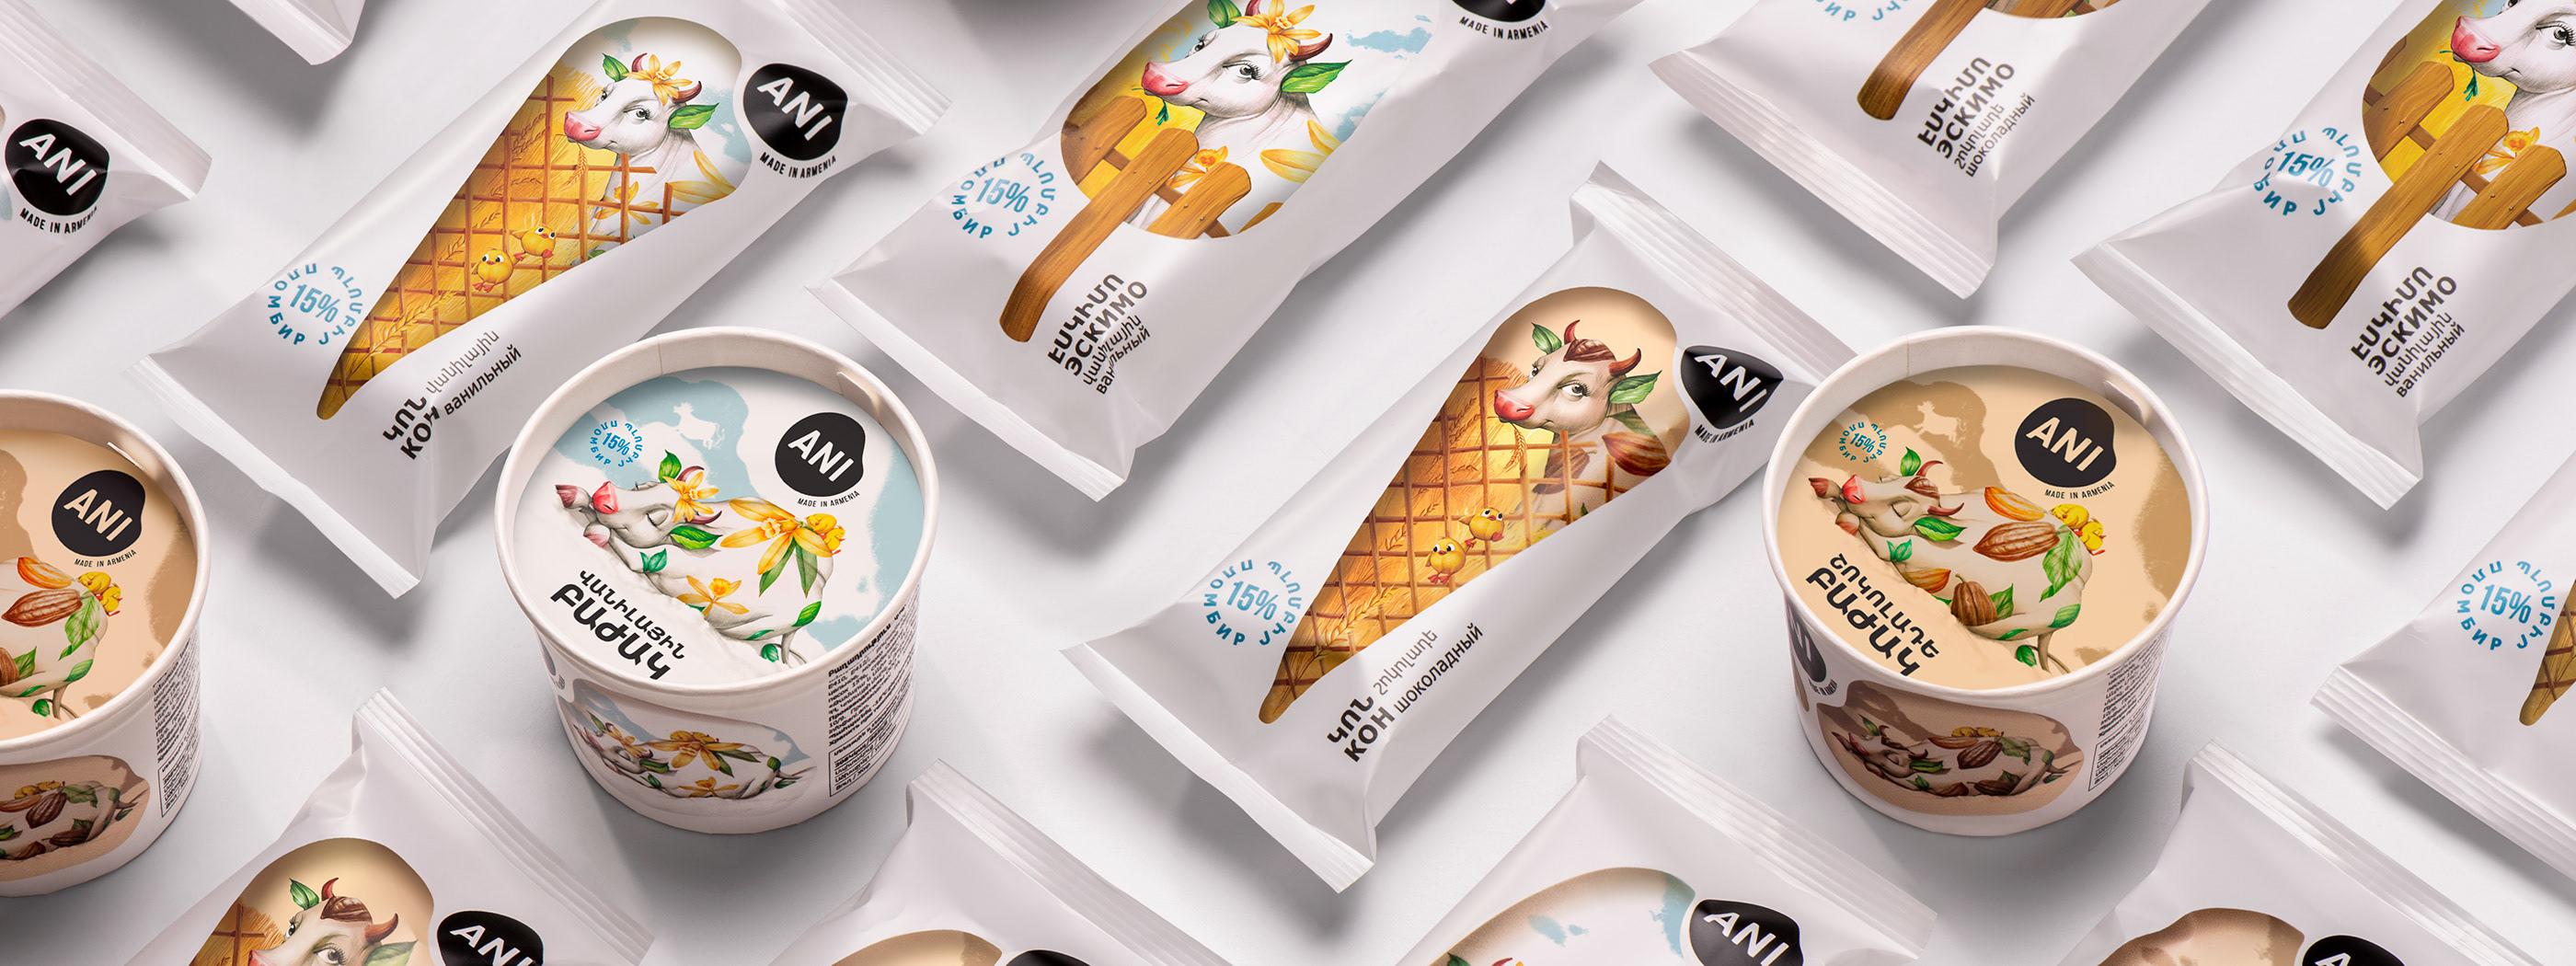 北京包装设计分享|冰淇淋包装设计